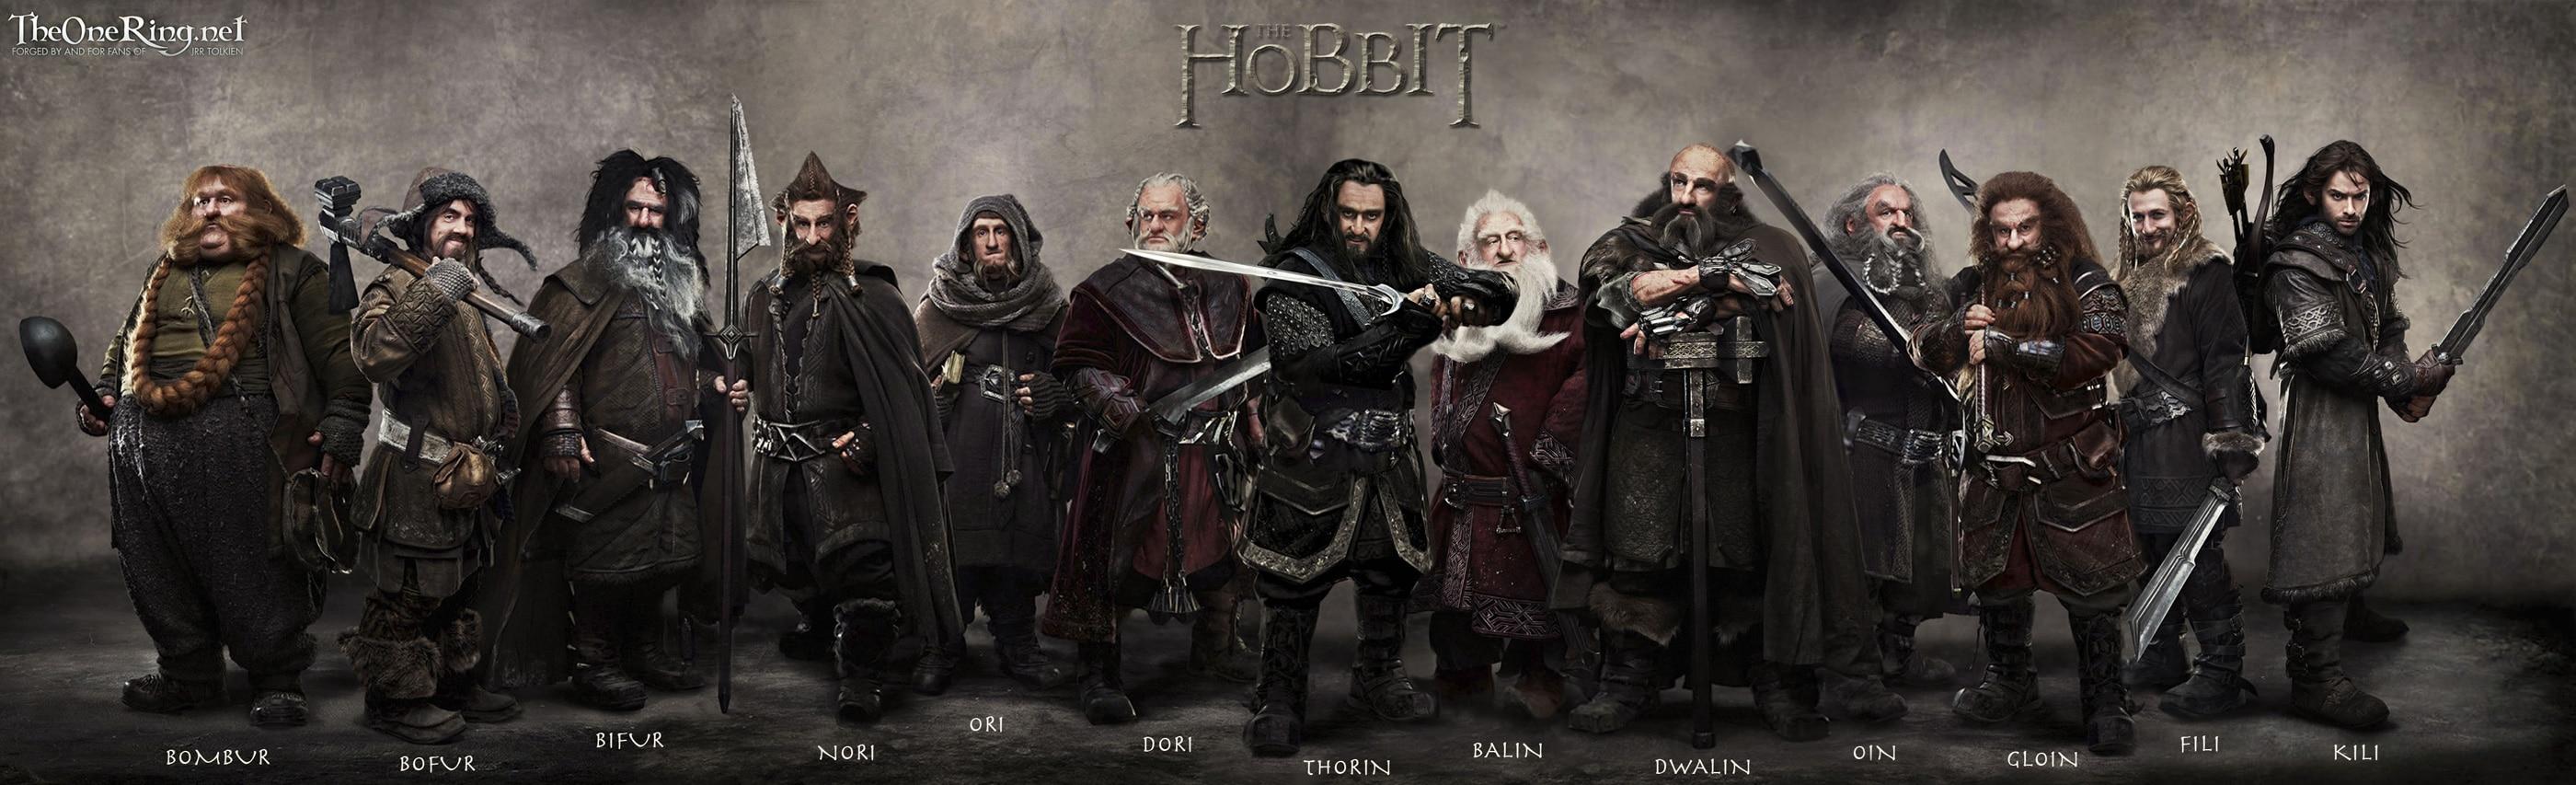 The-Hobbit-Bilbo-Le-Hobbit-1ère-Partie-Banner-01